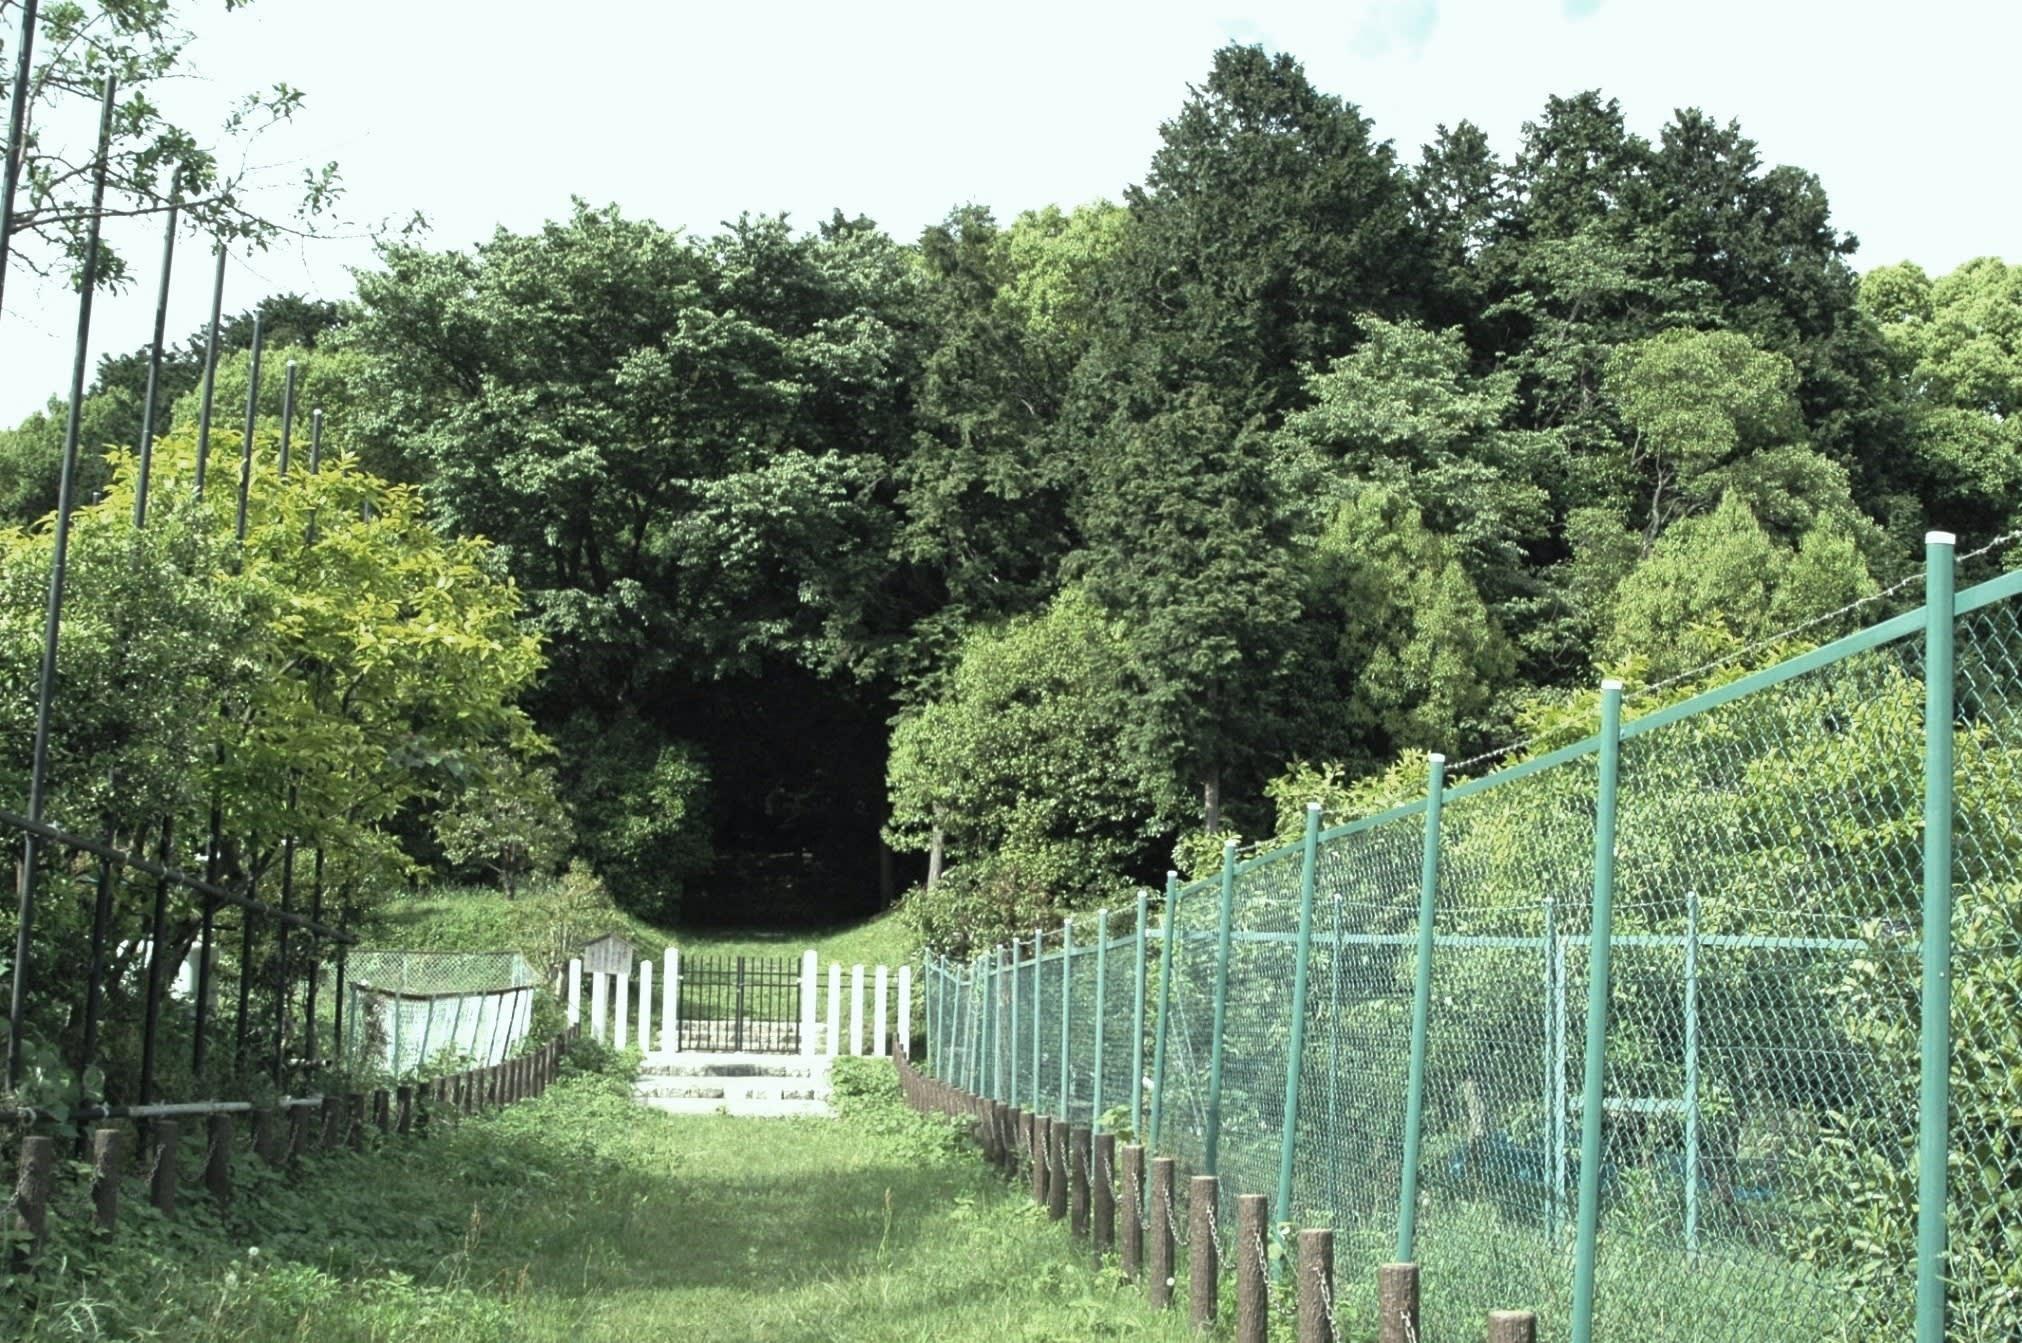 滋賀県大津市・木の岡本塚古墳 - 古墳:探訪